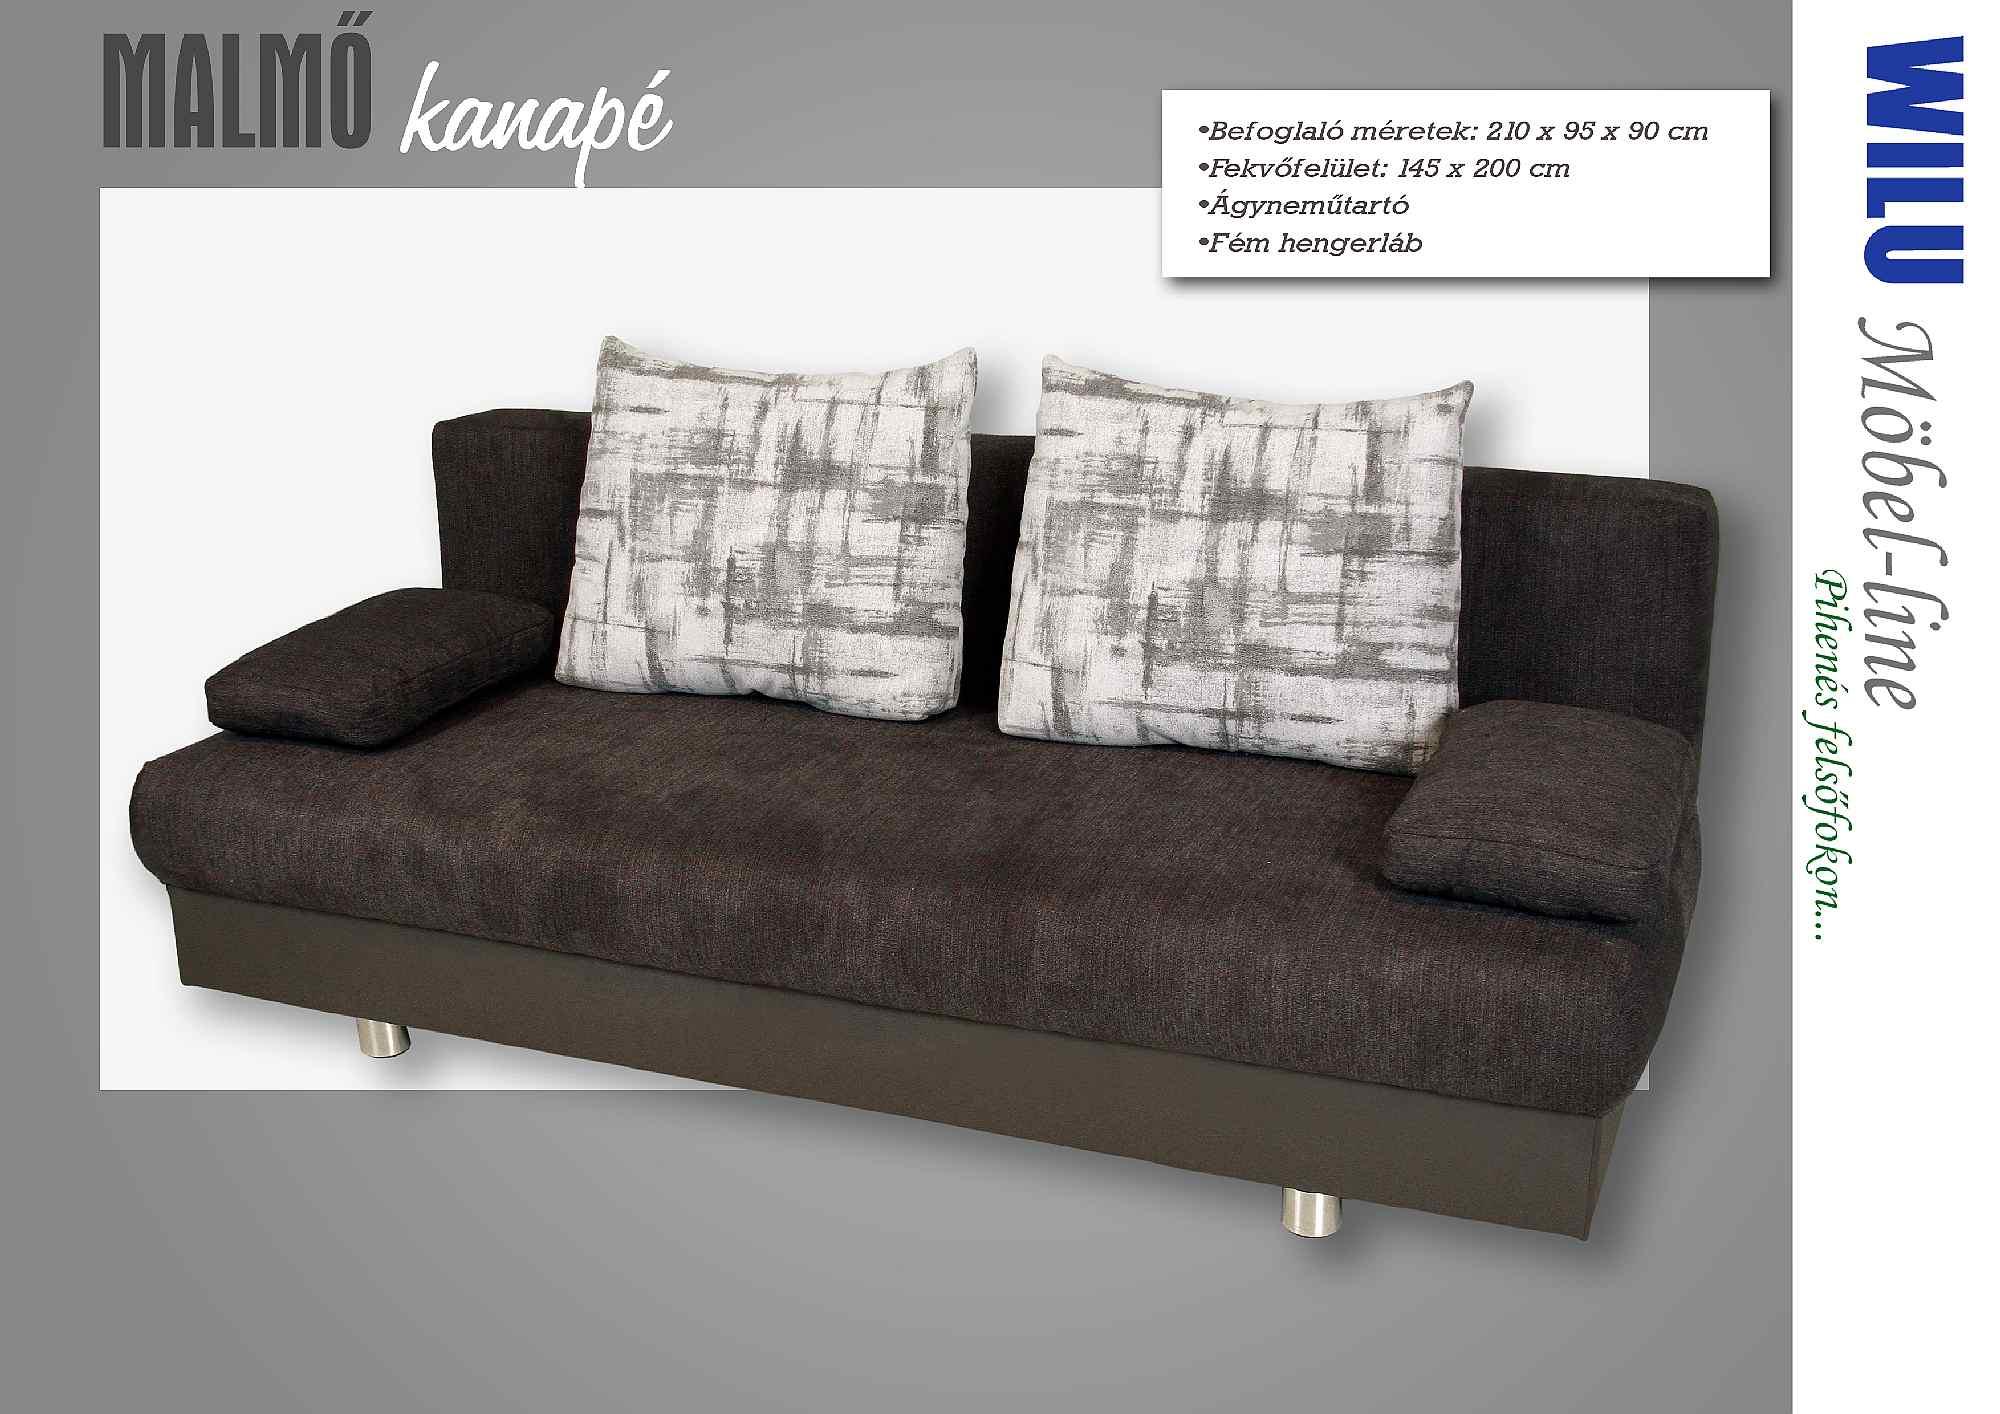 Malmő kanapé - Otthon Bútor Áruház